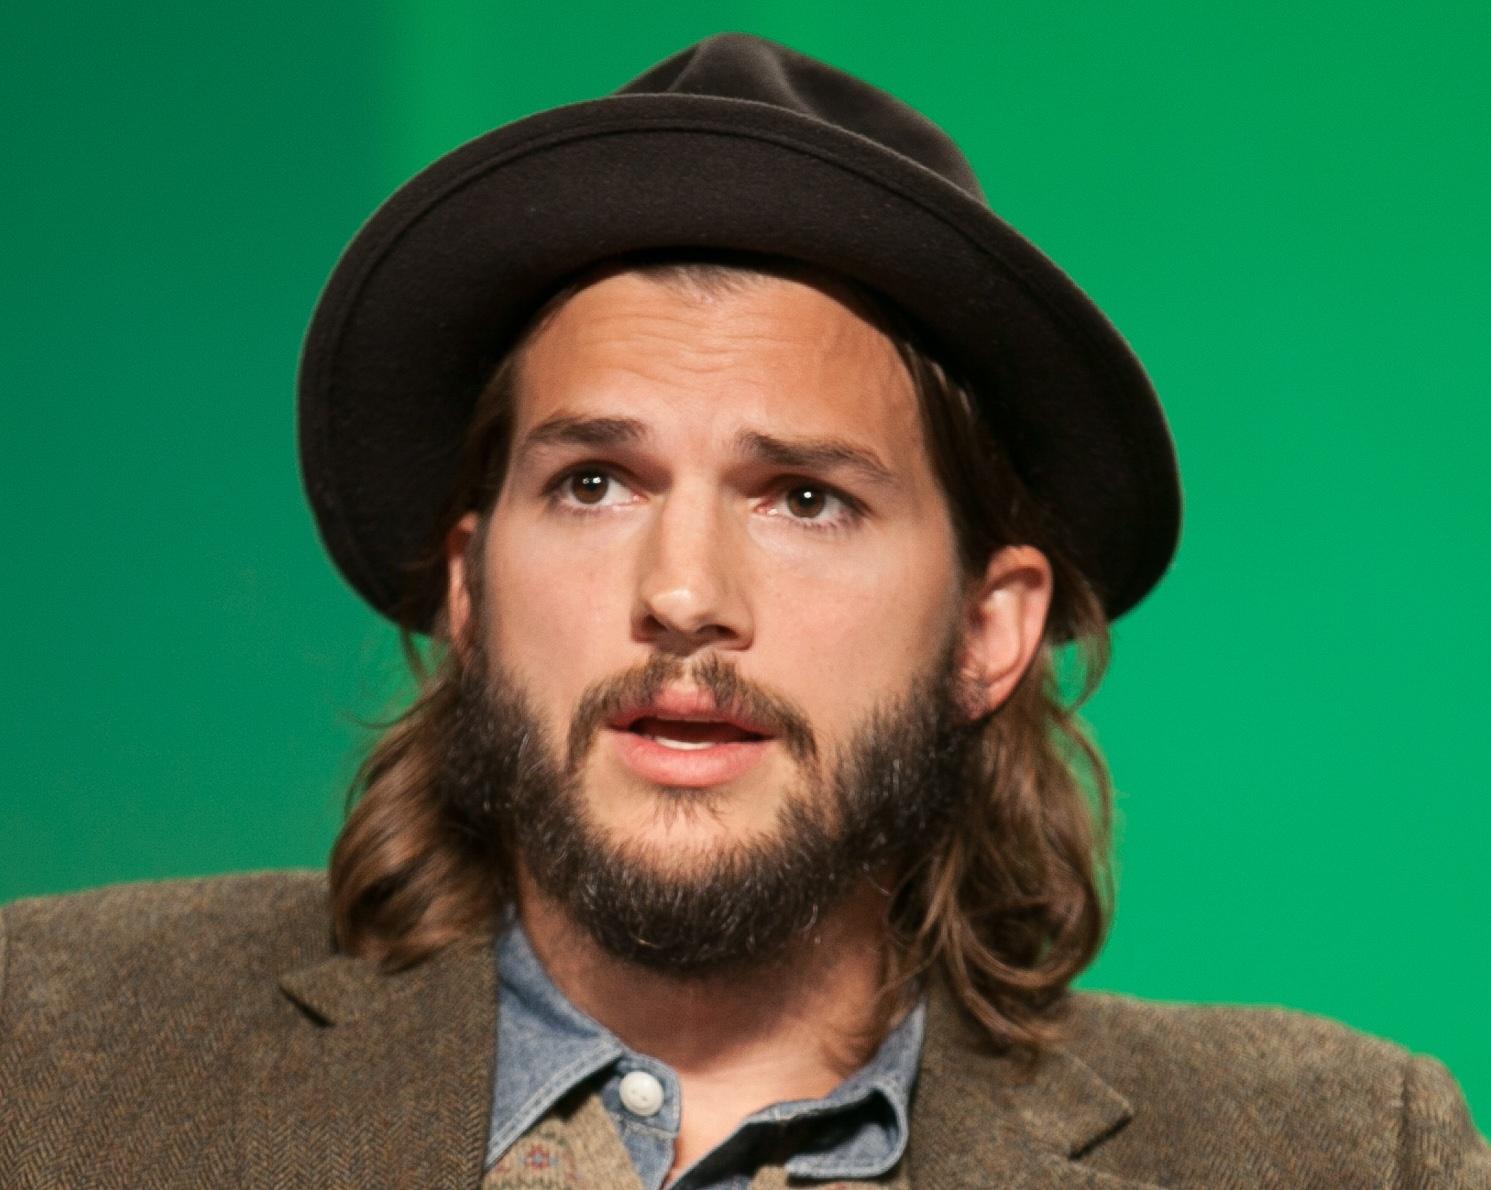 Ashton Kutcher in 2011